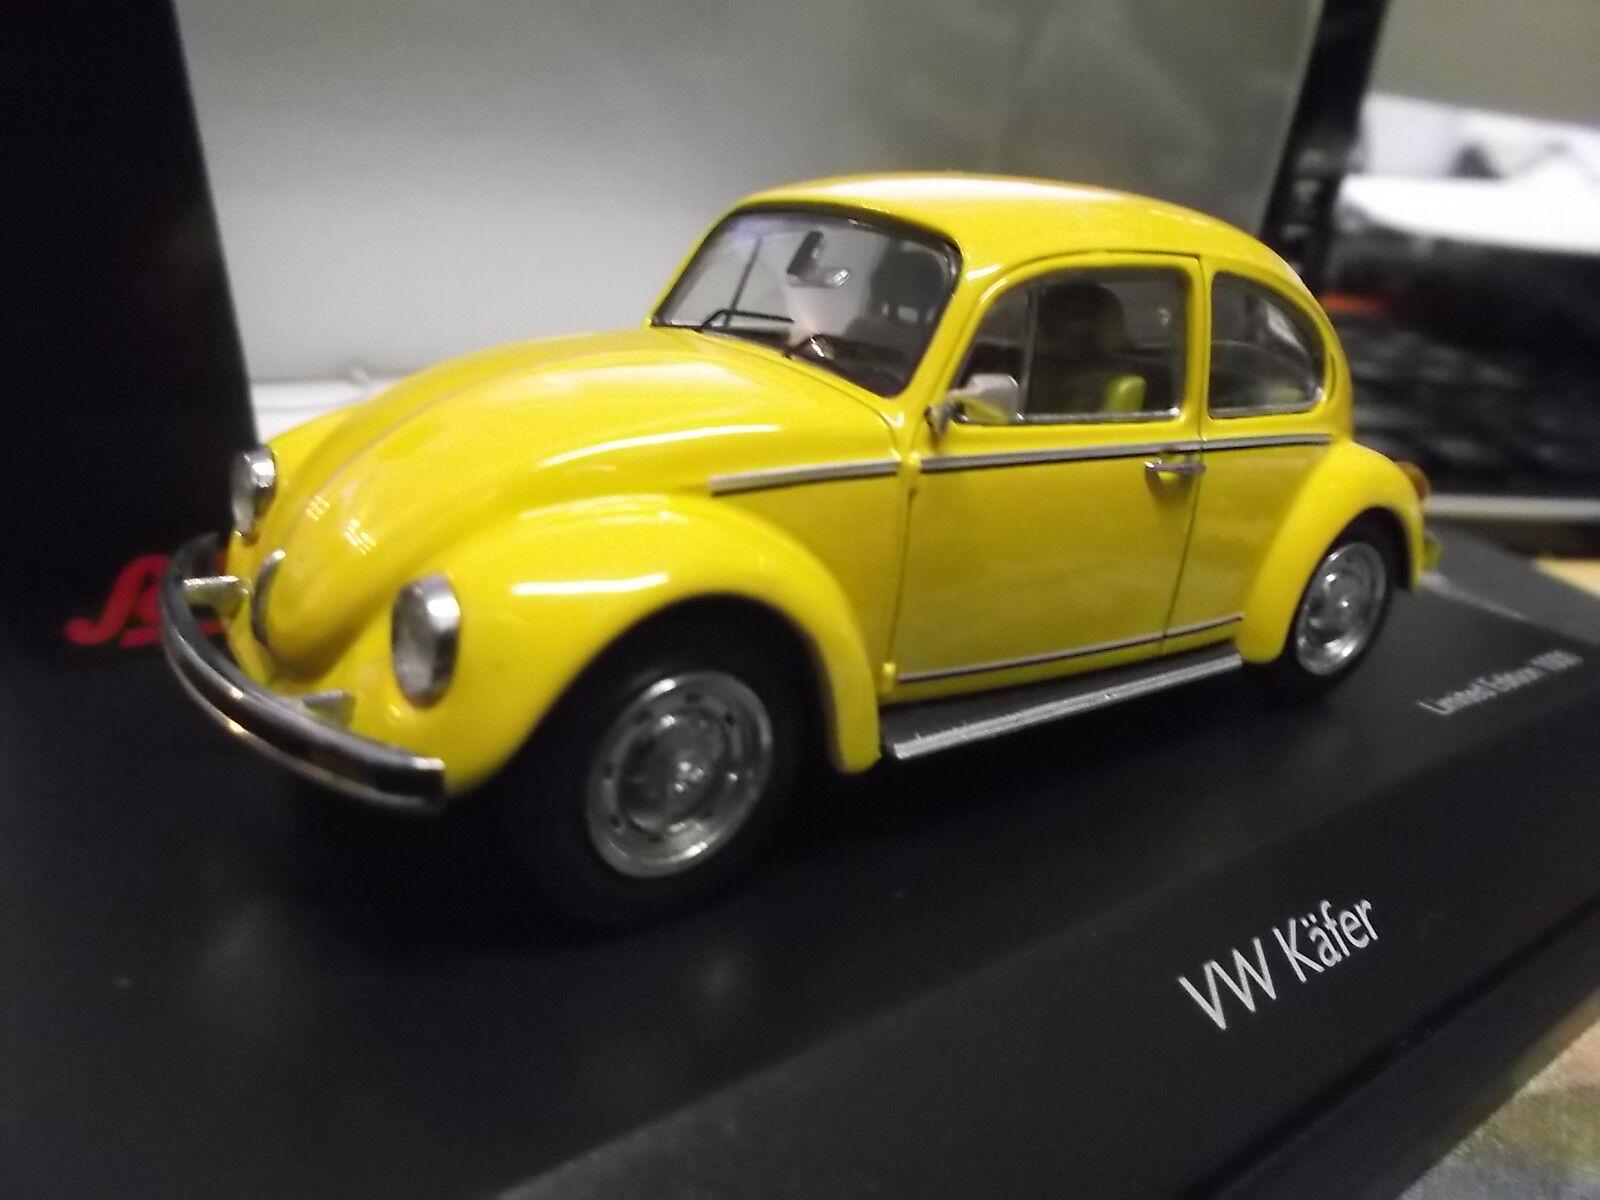 VW Maggiolino Volkswagen Beetle 1200 Sunny bug giallo giallo giallo giallo 1 1000 LIM Schuco 1 43 7add3a